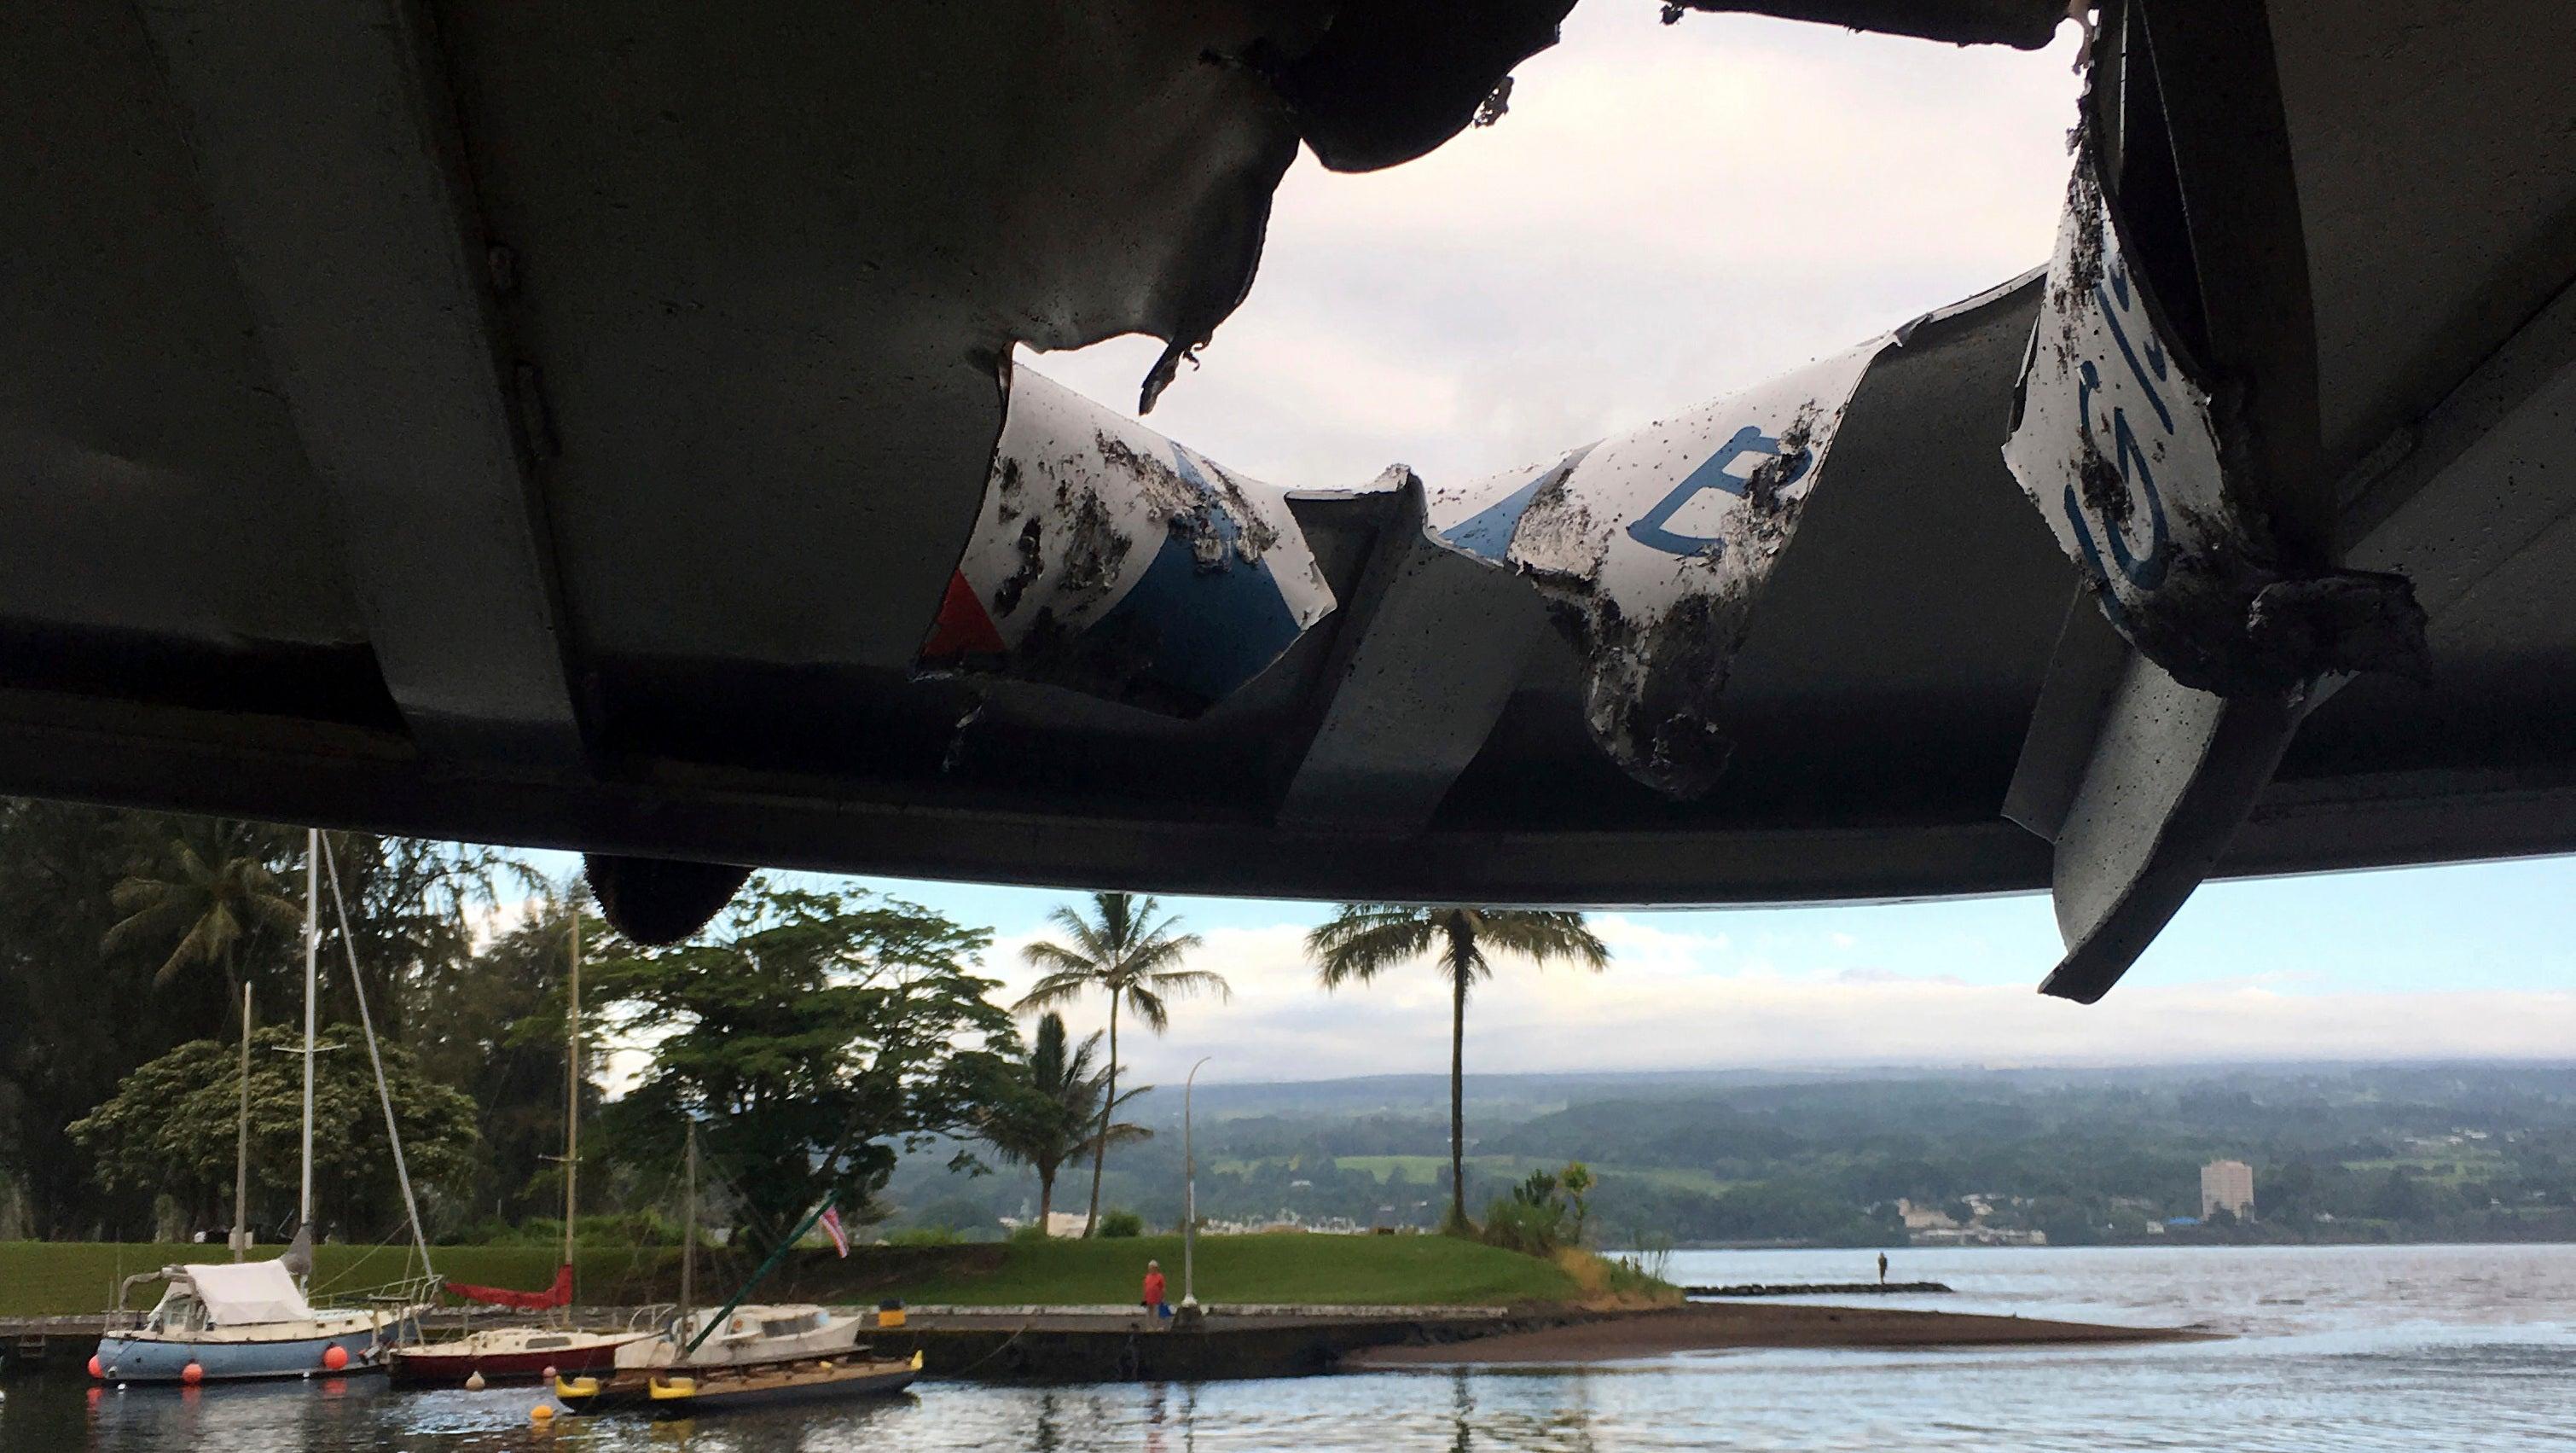 Lava explodiert und fliegt durch Dach von Tourboot - 23 Verletzte in Hawaii